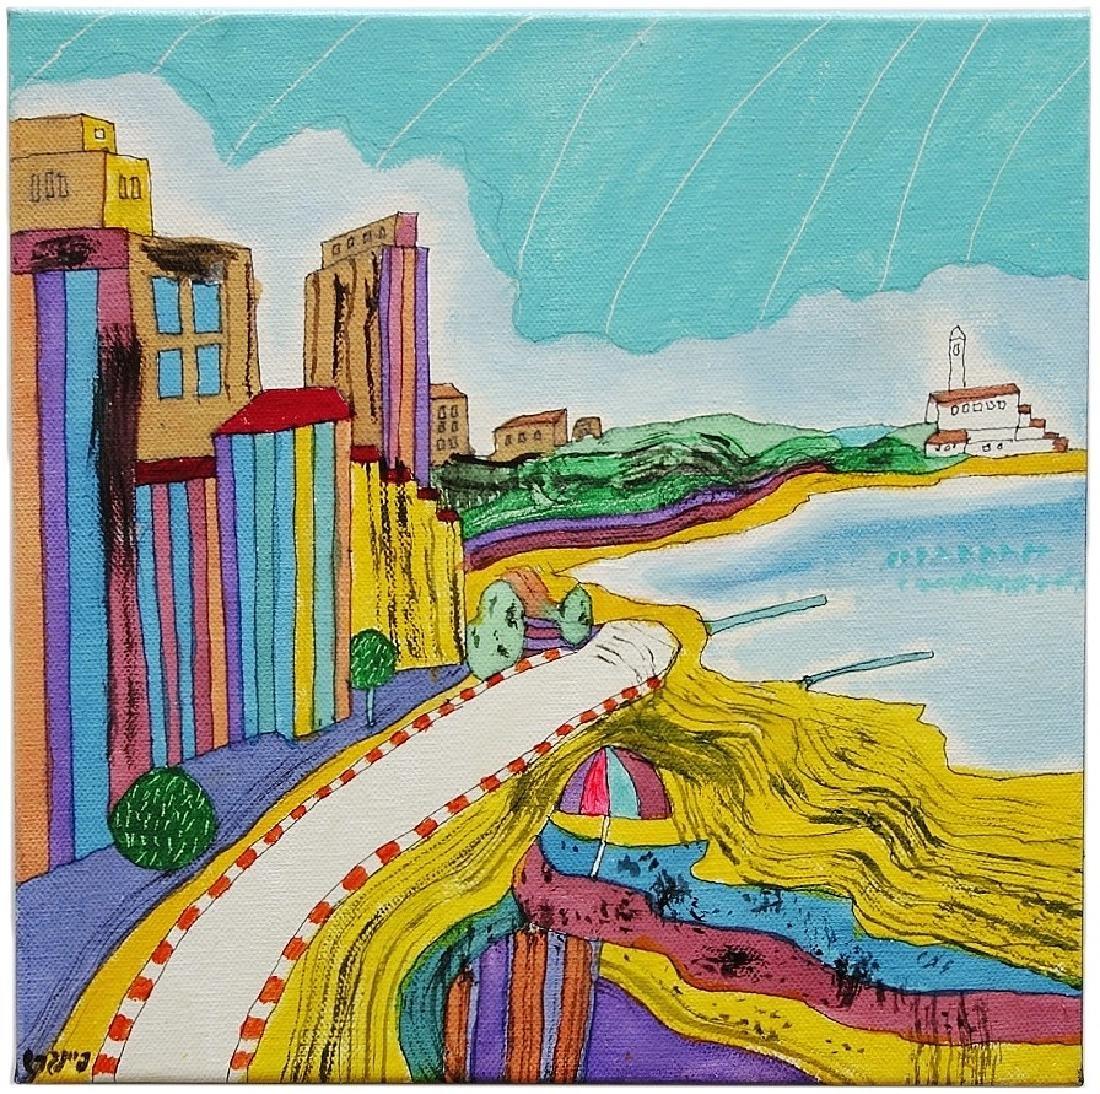 Oded Feingersh (Israeli, born 1938)